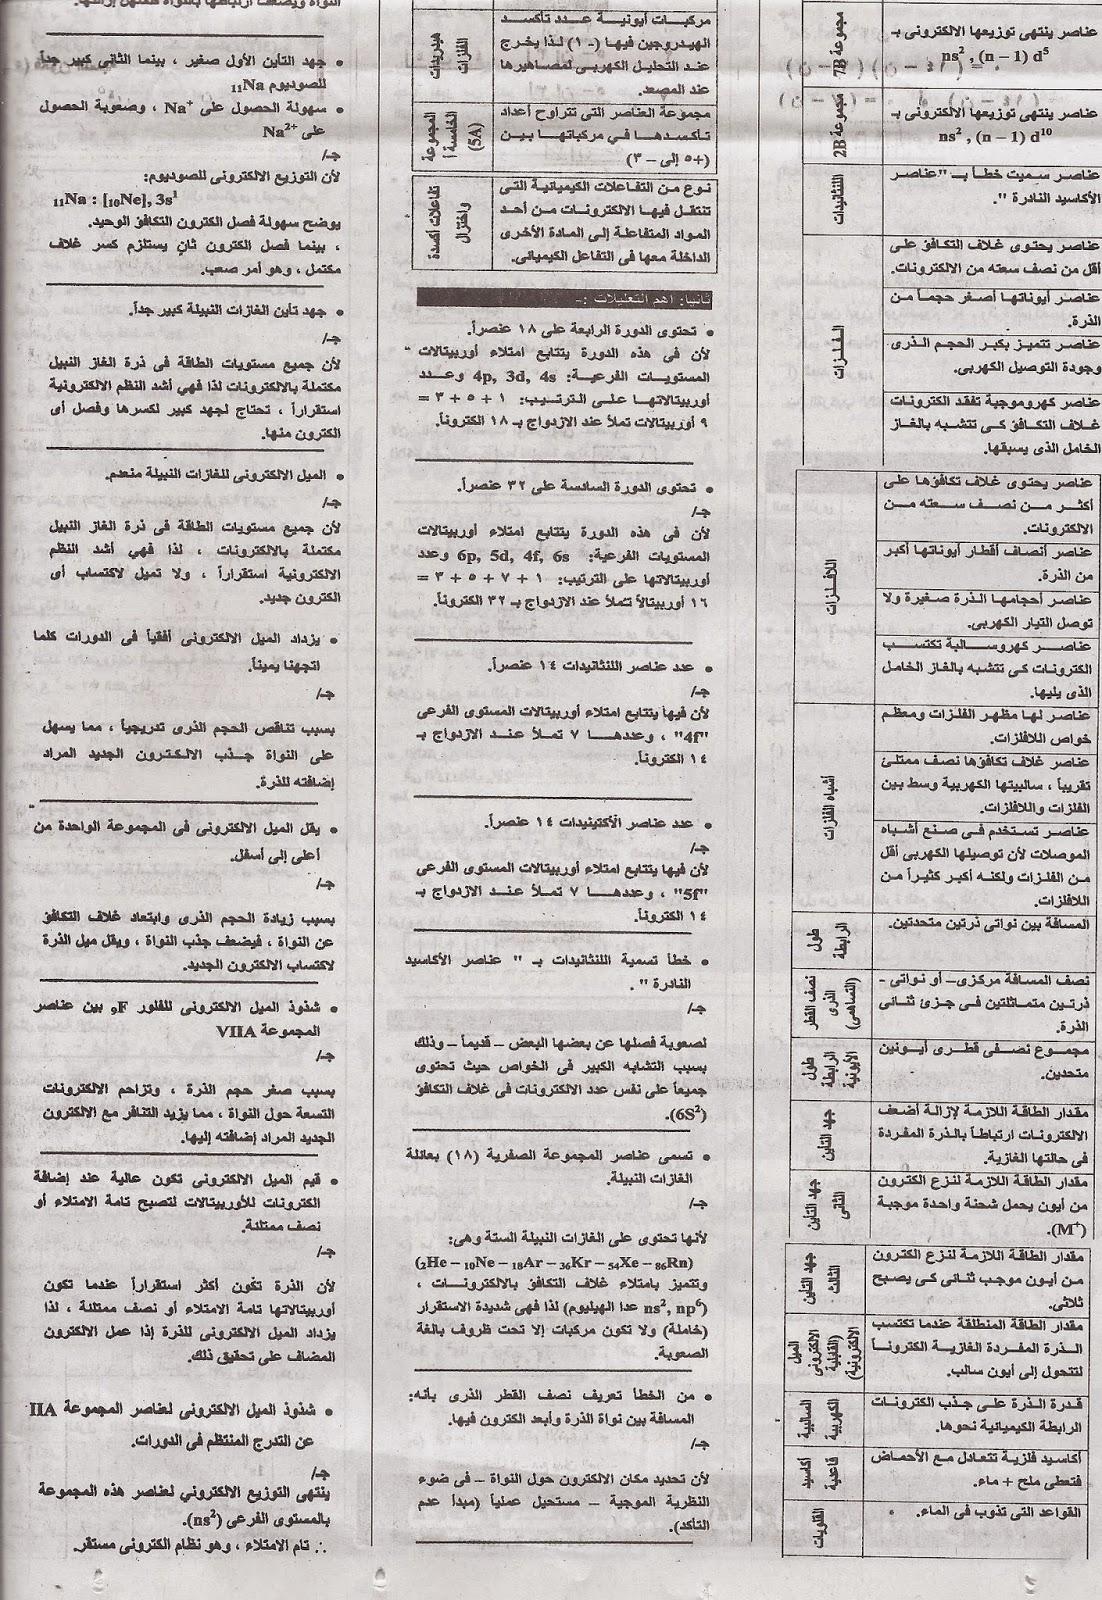 المراجعة النهائية كيمياء ثاني ثانوى - ملحق الجمهورية التعليمي Scan0021